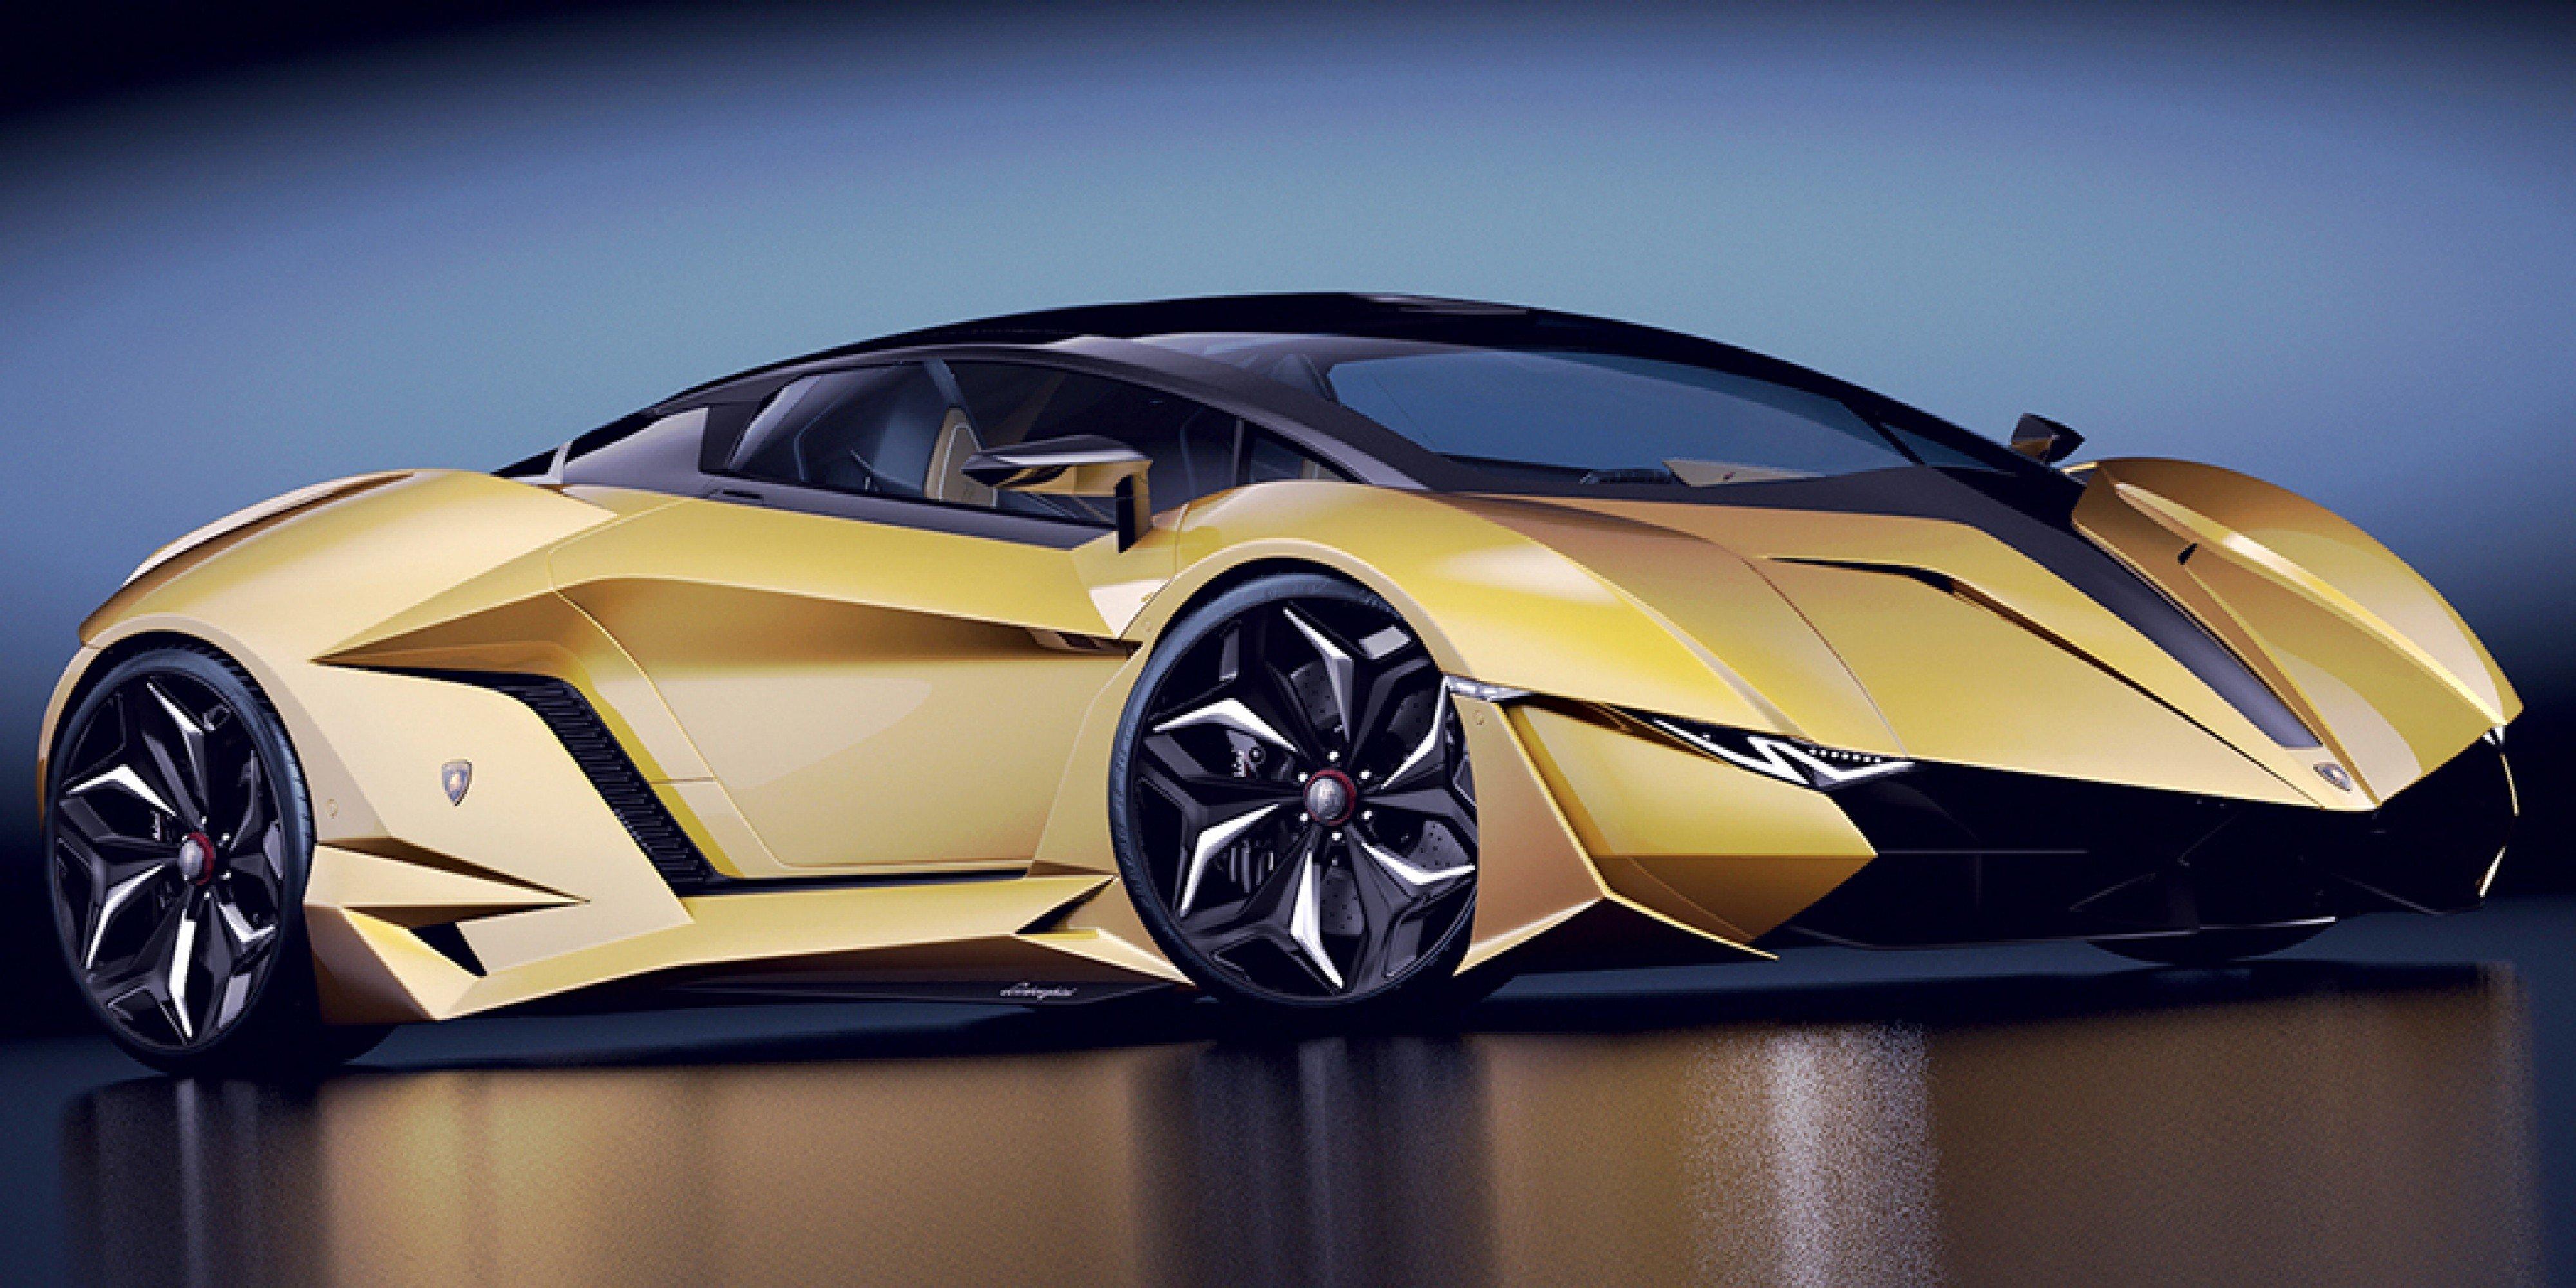 2014 car Concept Lamborghini resonare wallpaper ...